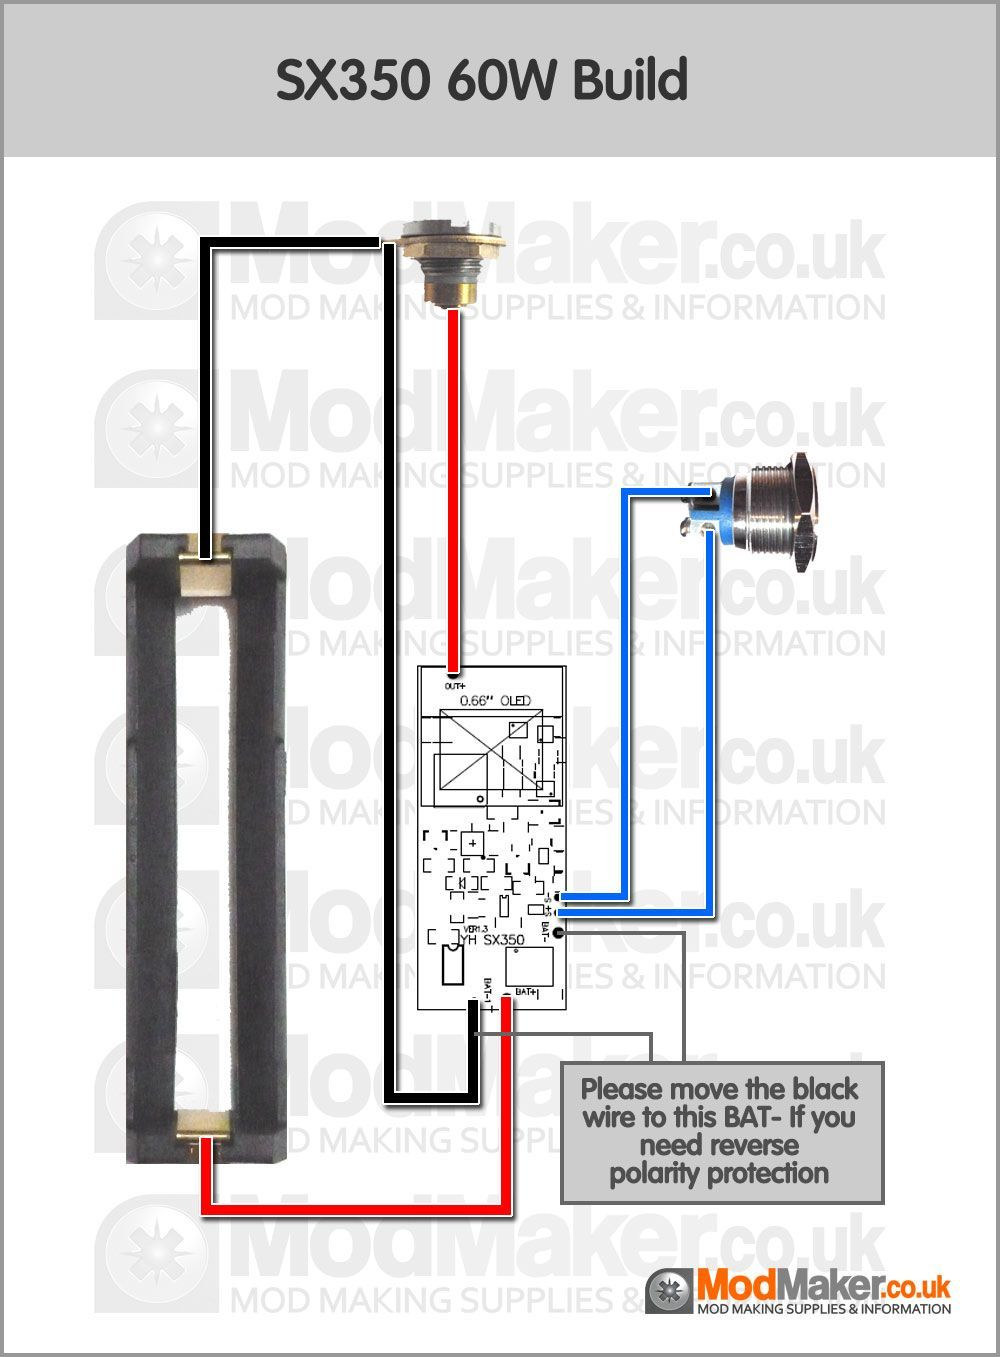 hight resolution of sx350 60w wiring diagram vape in 2019 vape box vape coils diysx350 60w wiring